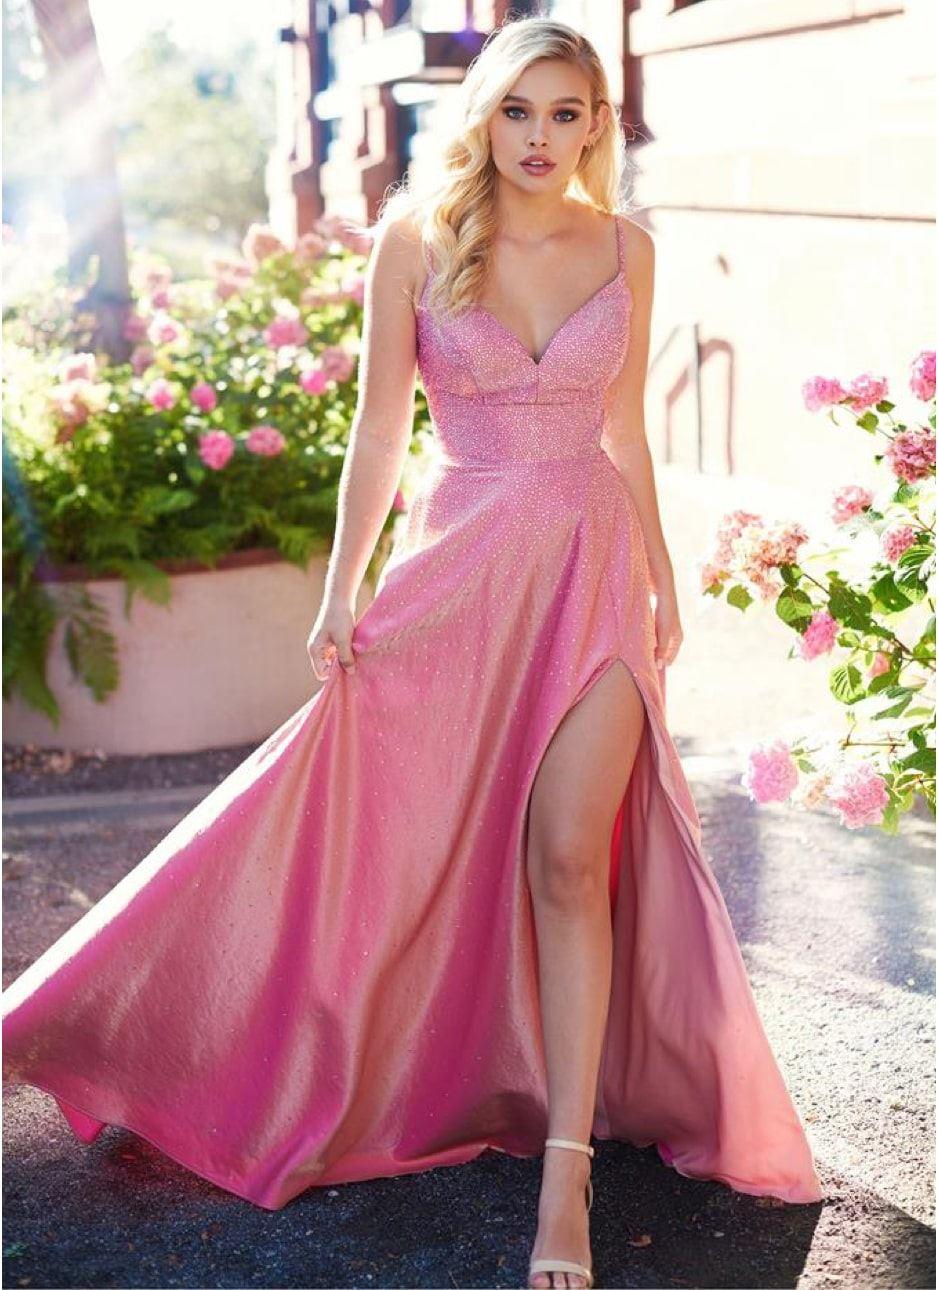 Ellie Wilde model in a prom dress